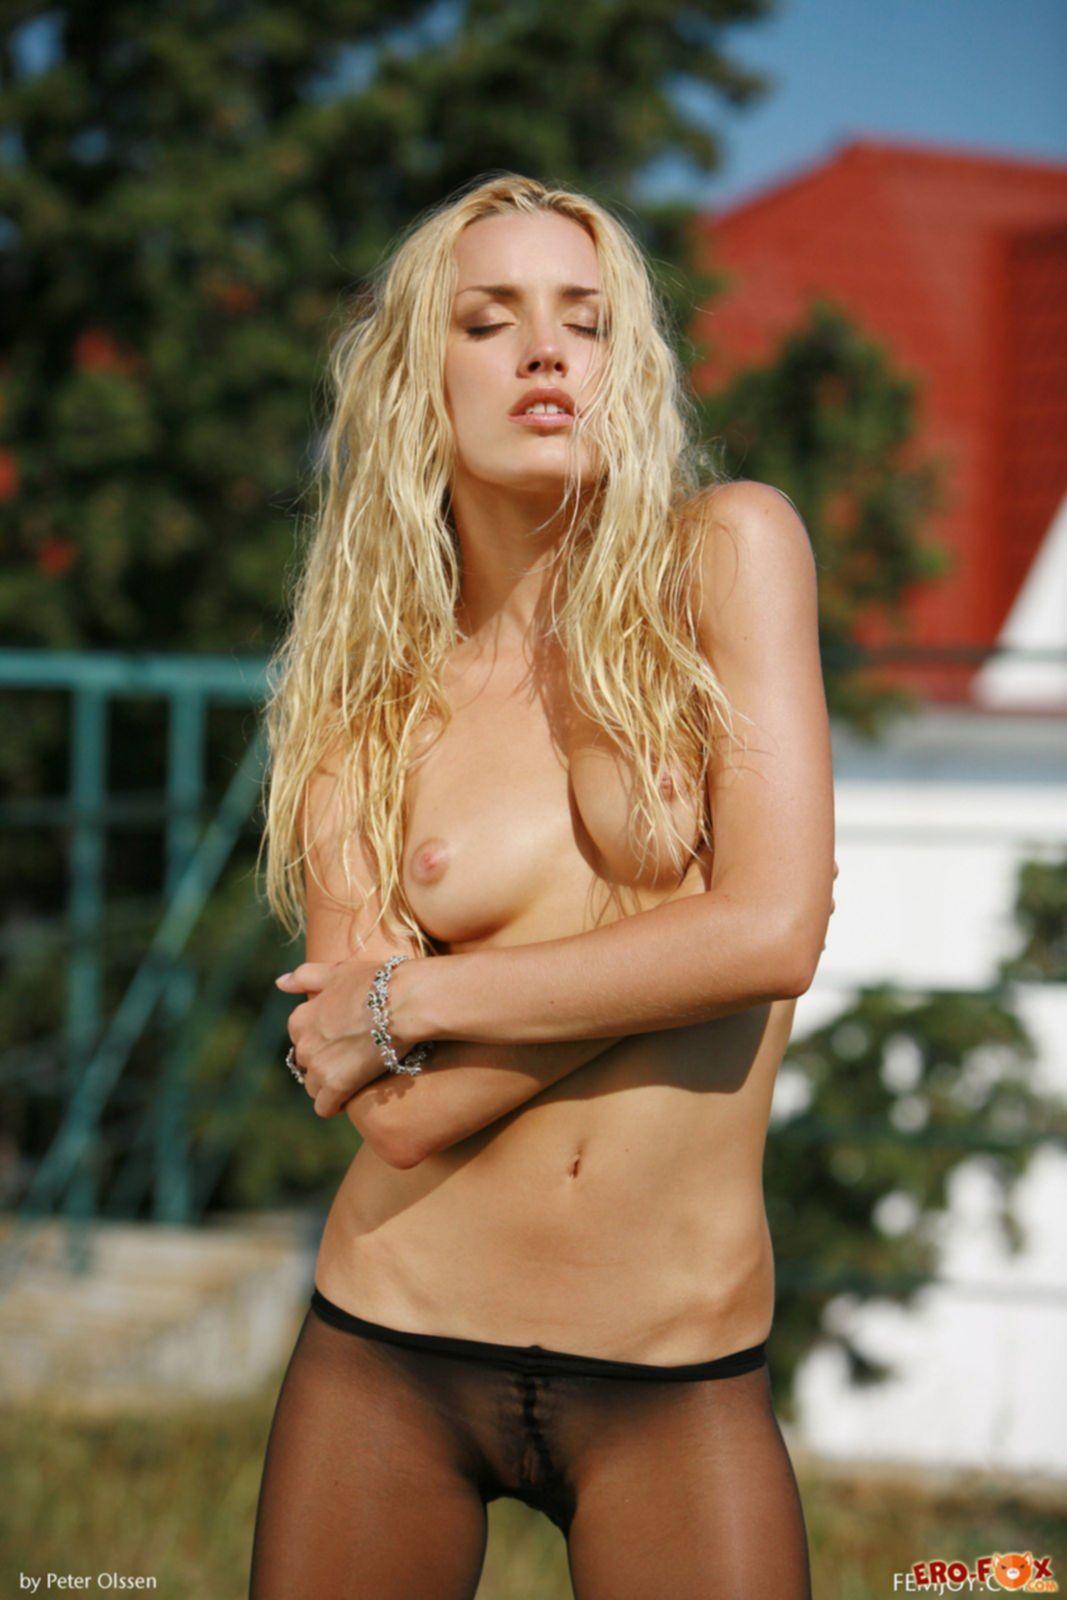 Страстная блондинка сняла капроновые колготки - фото.